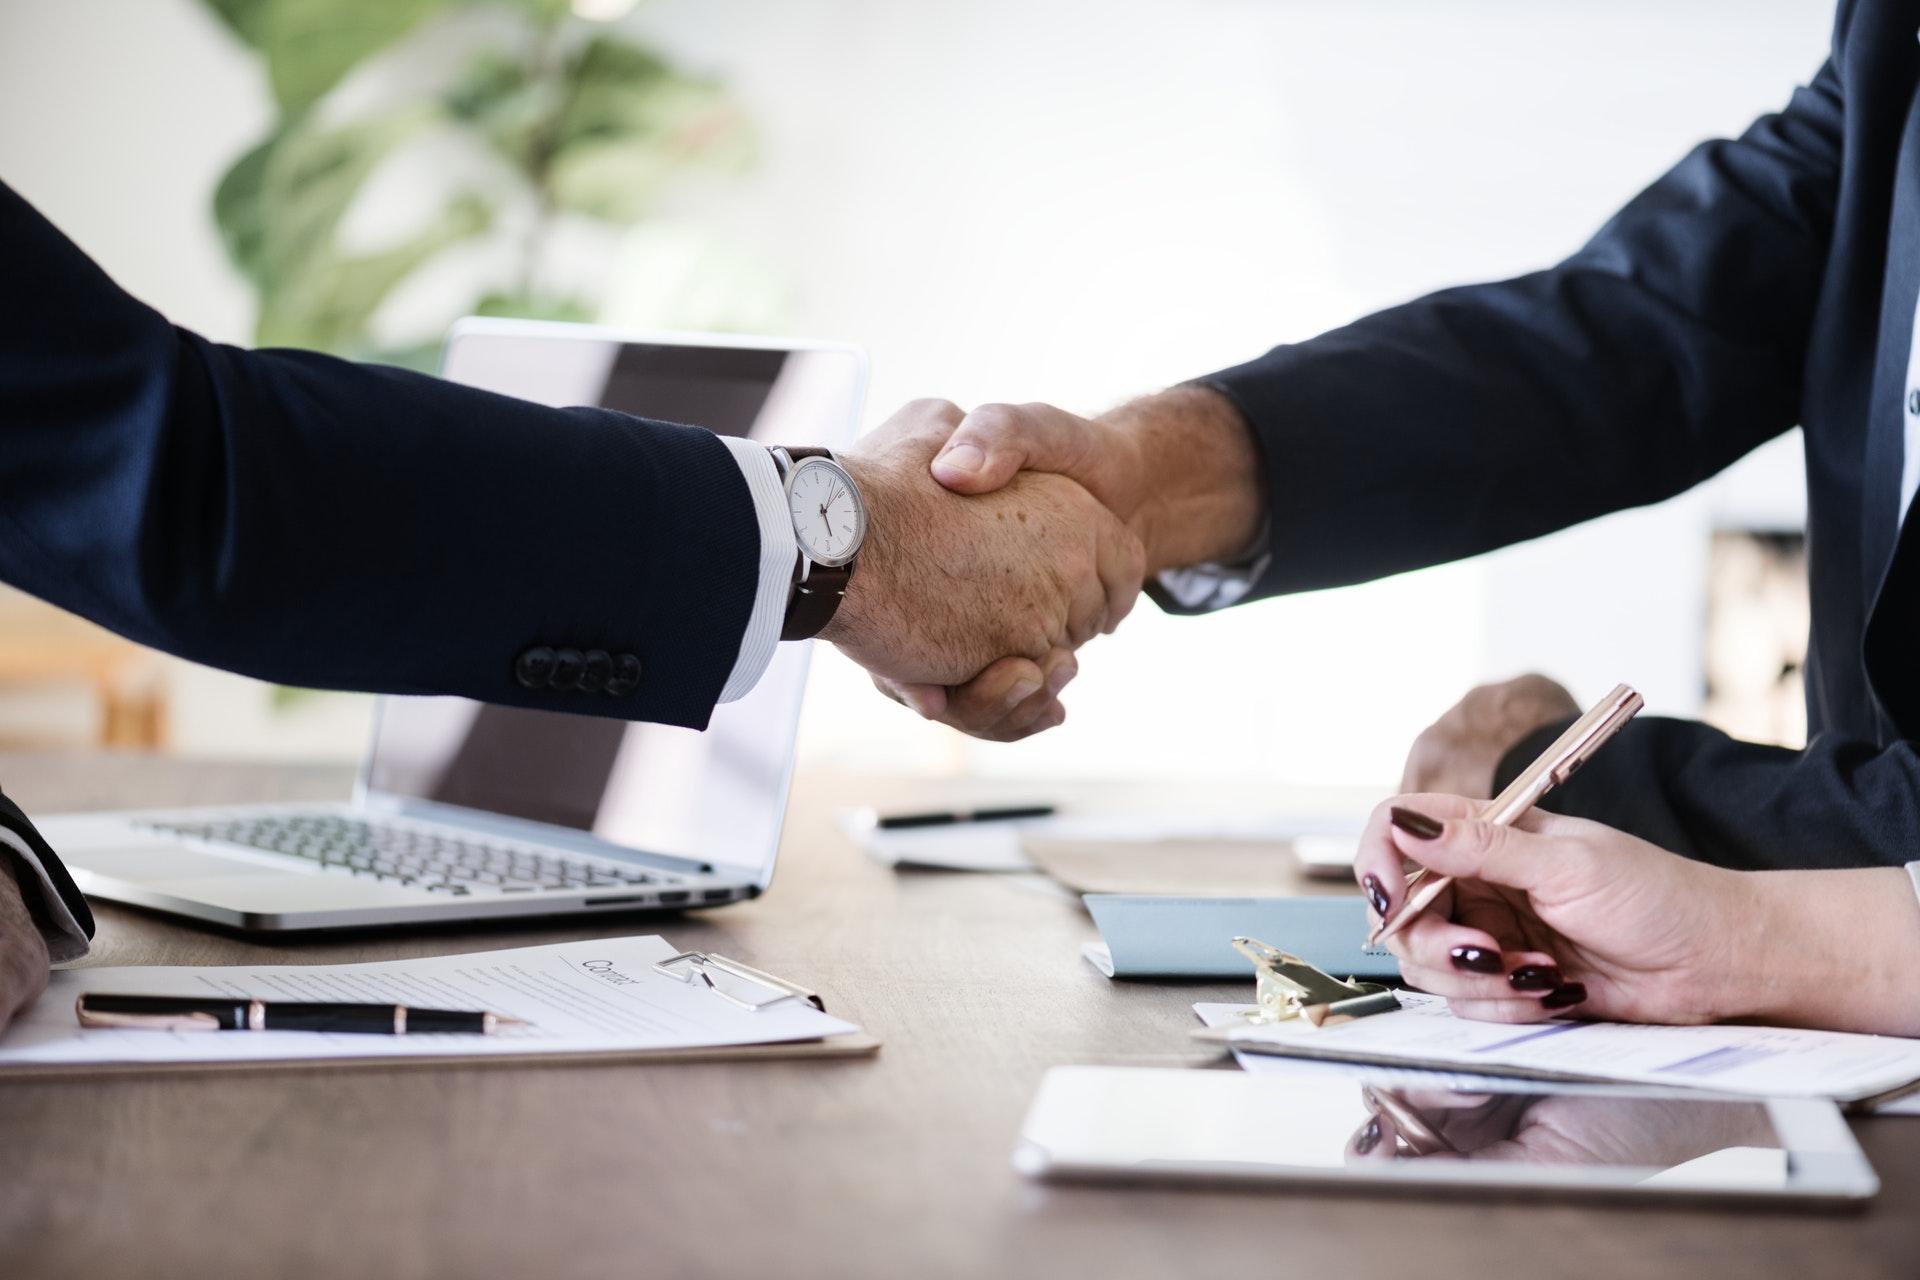 Et aussi : synergies de compétences pour les entreprises TREMPLIN, avocat, notaire